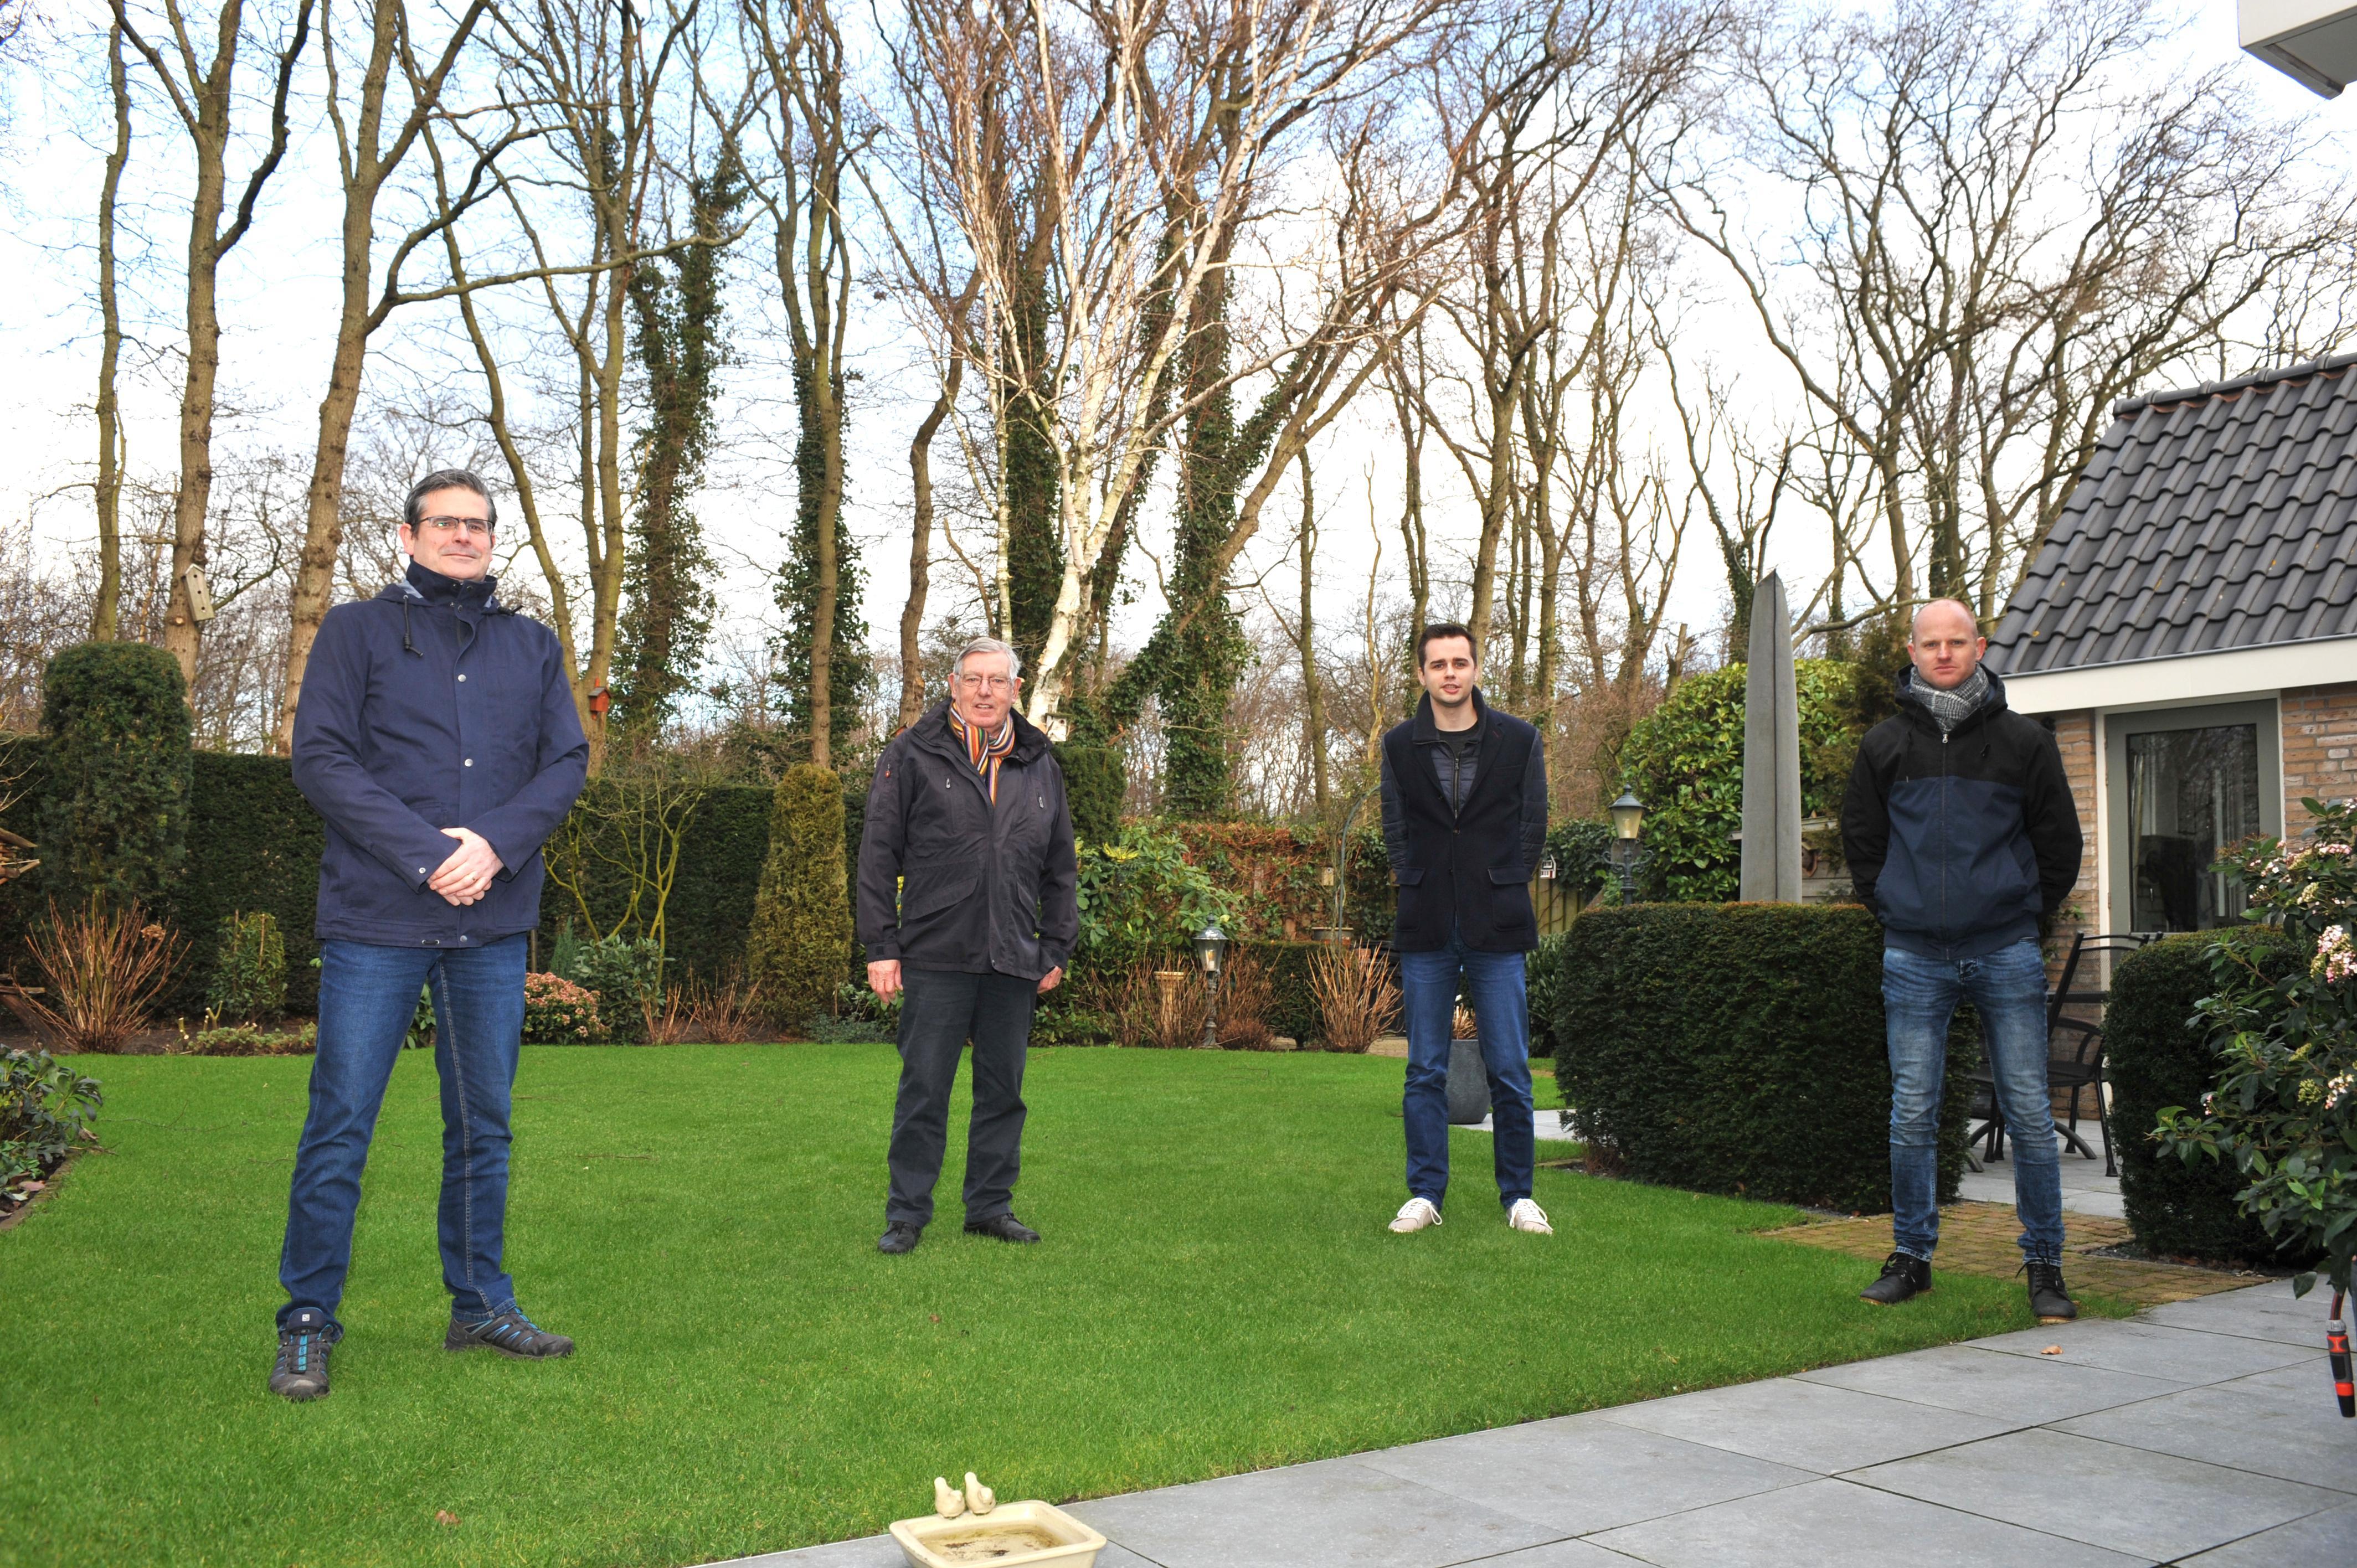 Geen einde aan 'uniek stukje Heemskerk'. Omwonenden van Eikenhof 2 hebben zich verenigd in strijd tegen voorgenomen hoogbouw. 'Bebouwing zou eeuwig zonde zijn'